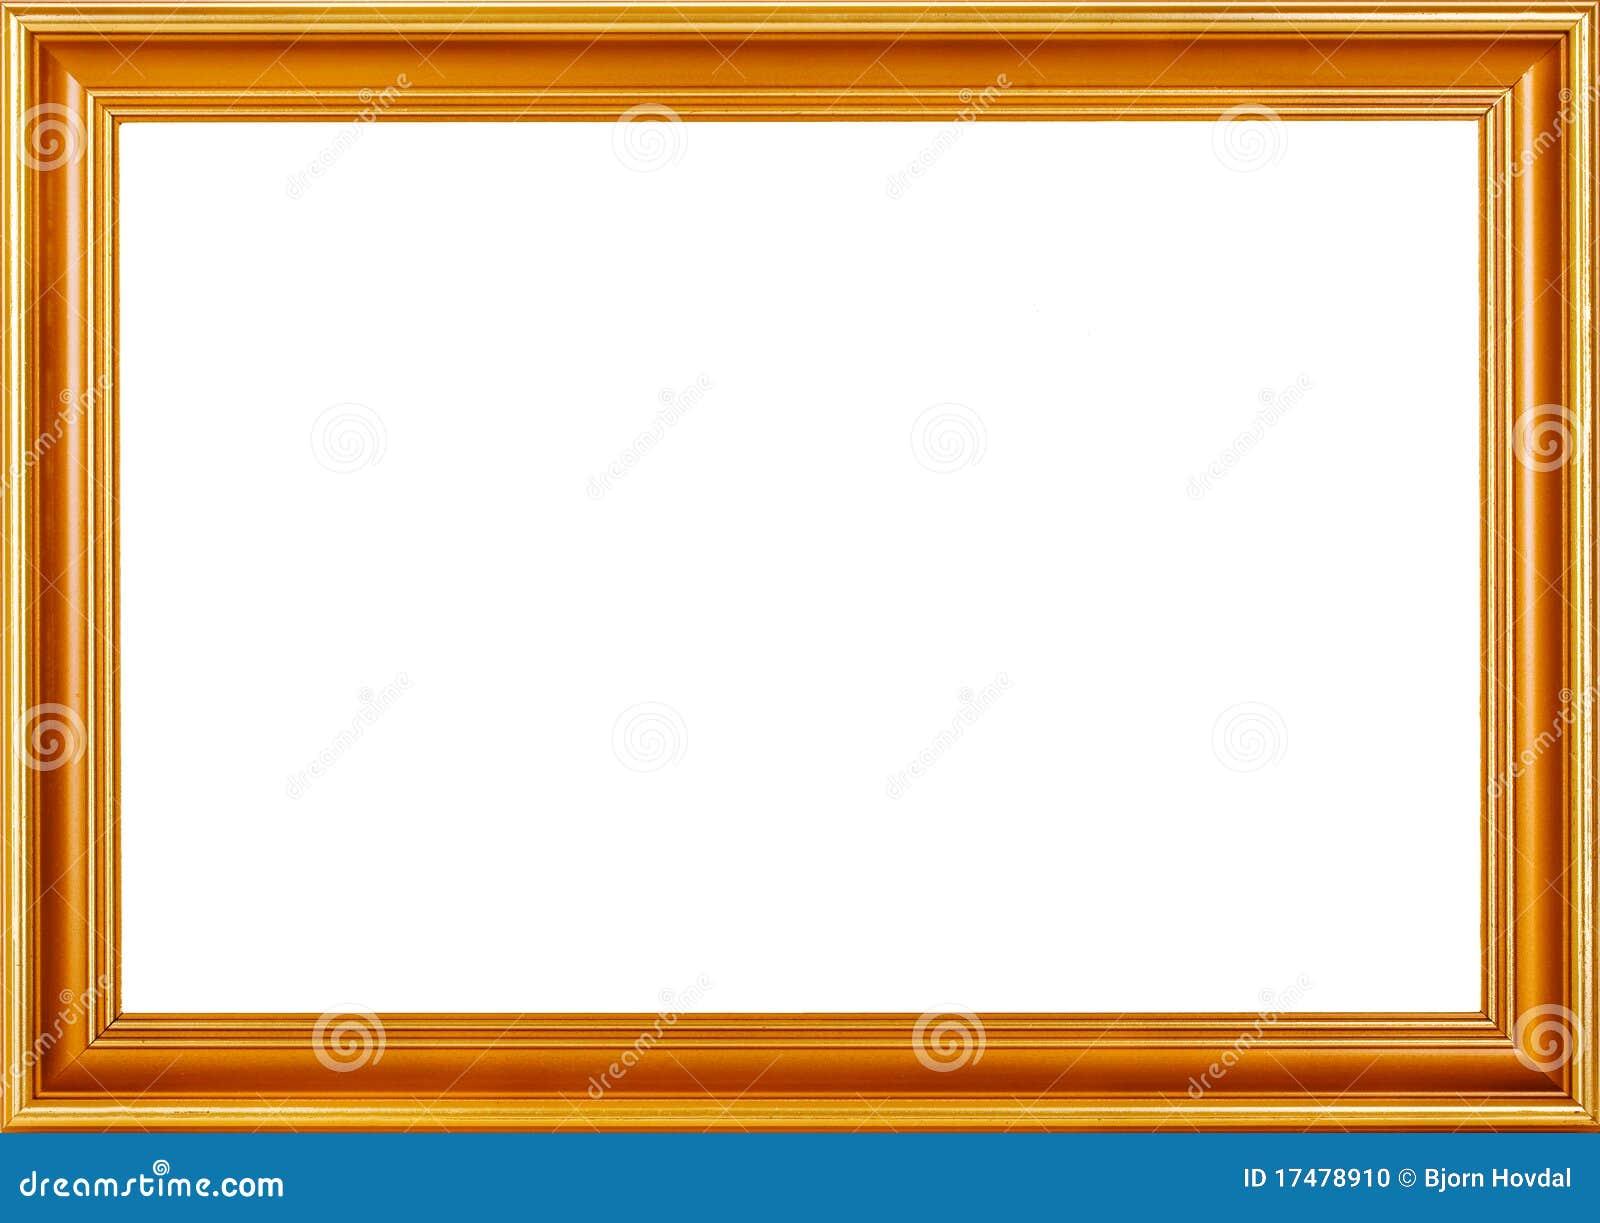 Golden Frame Stock Photo  Image: 17478910